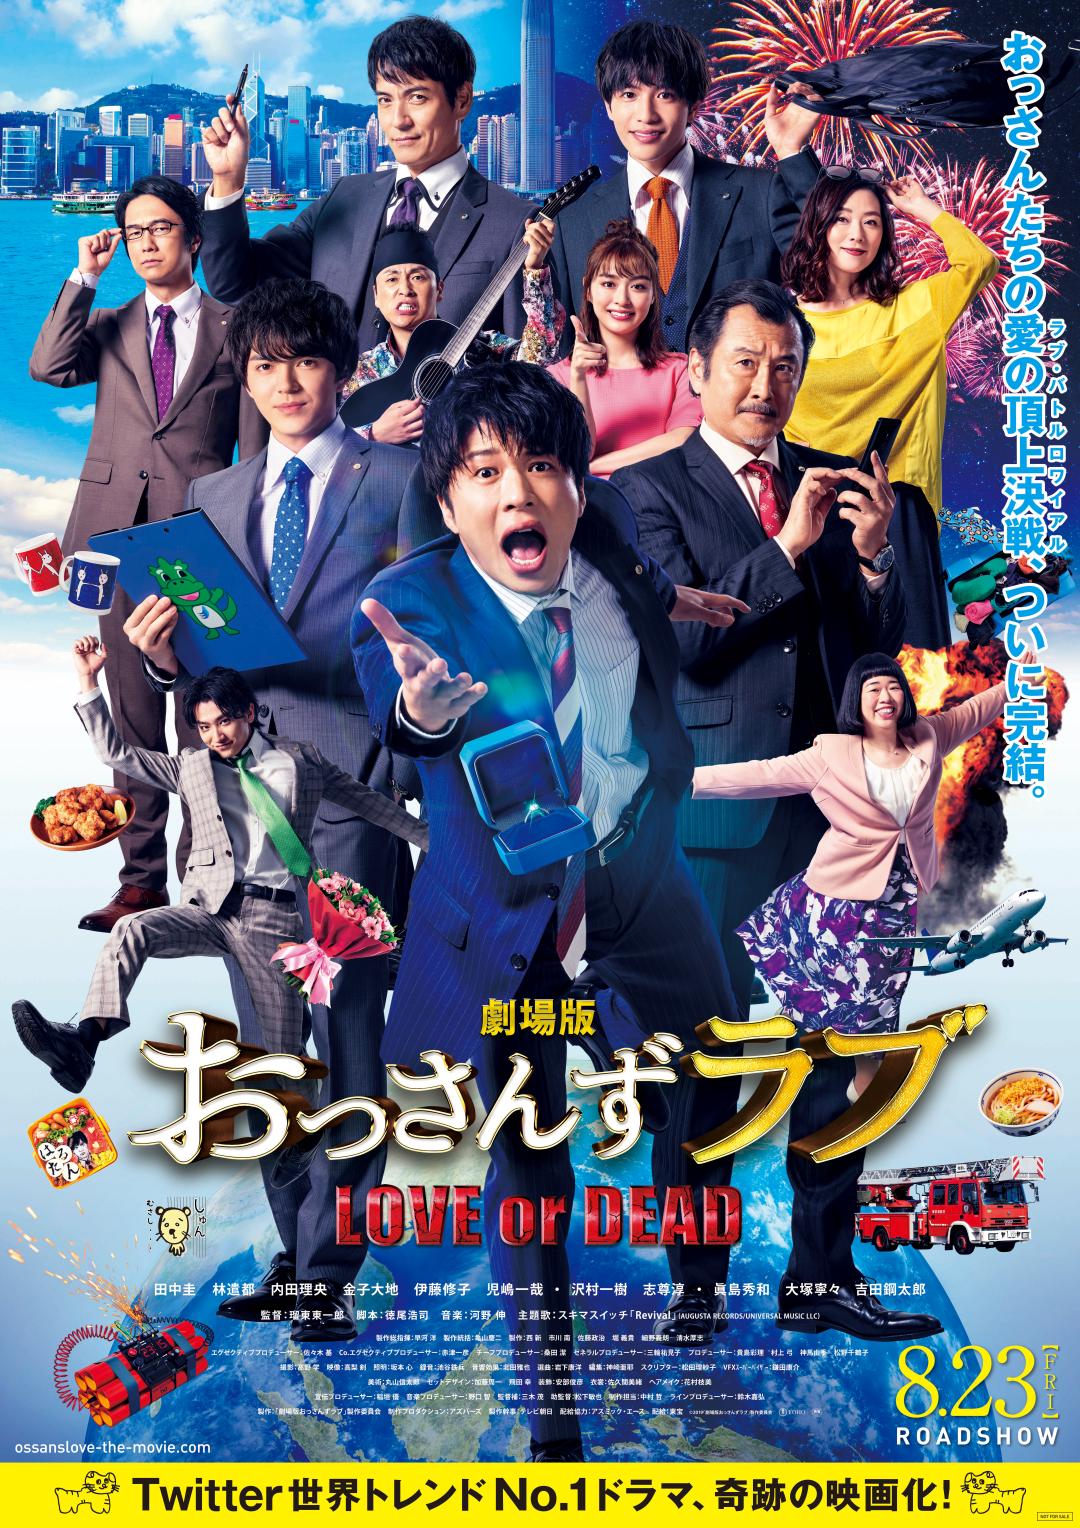 劇場版おっさんずラブ 〜LOVE or DEAD〜 – 劇中映像デザイン